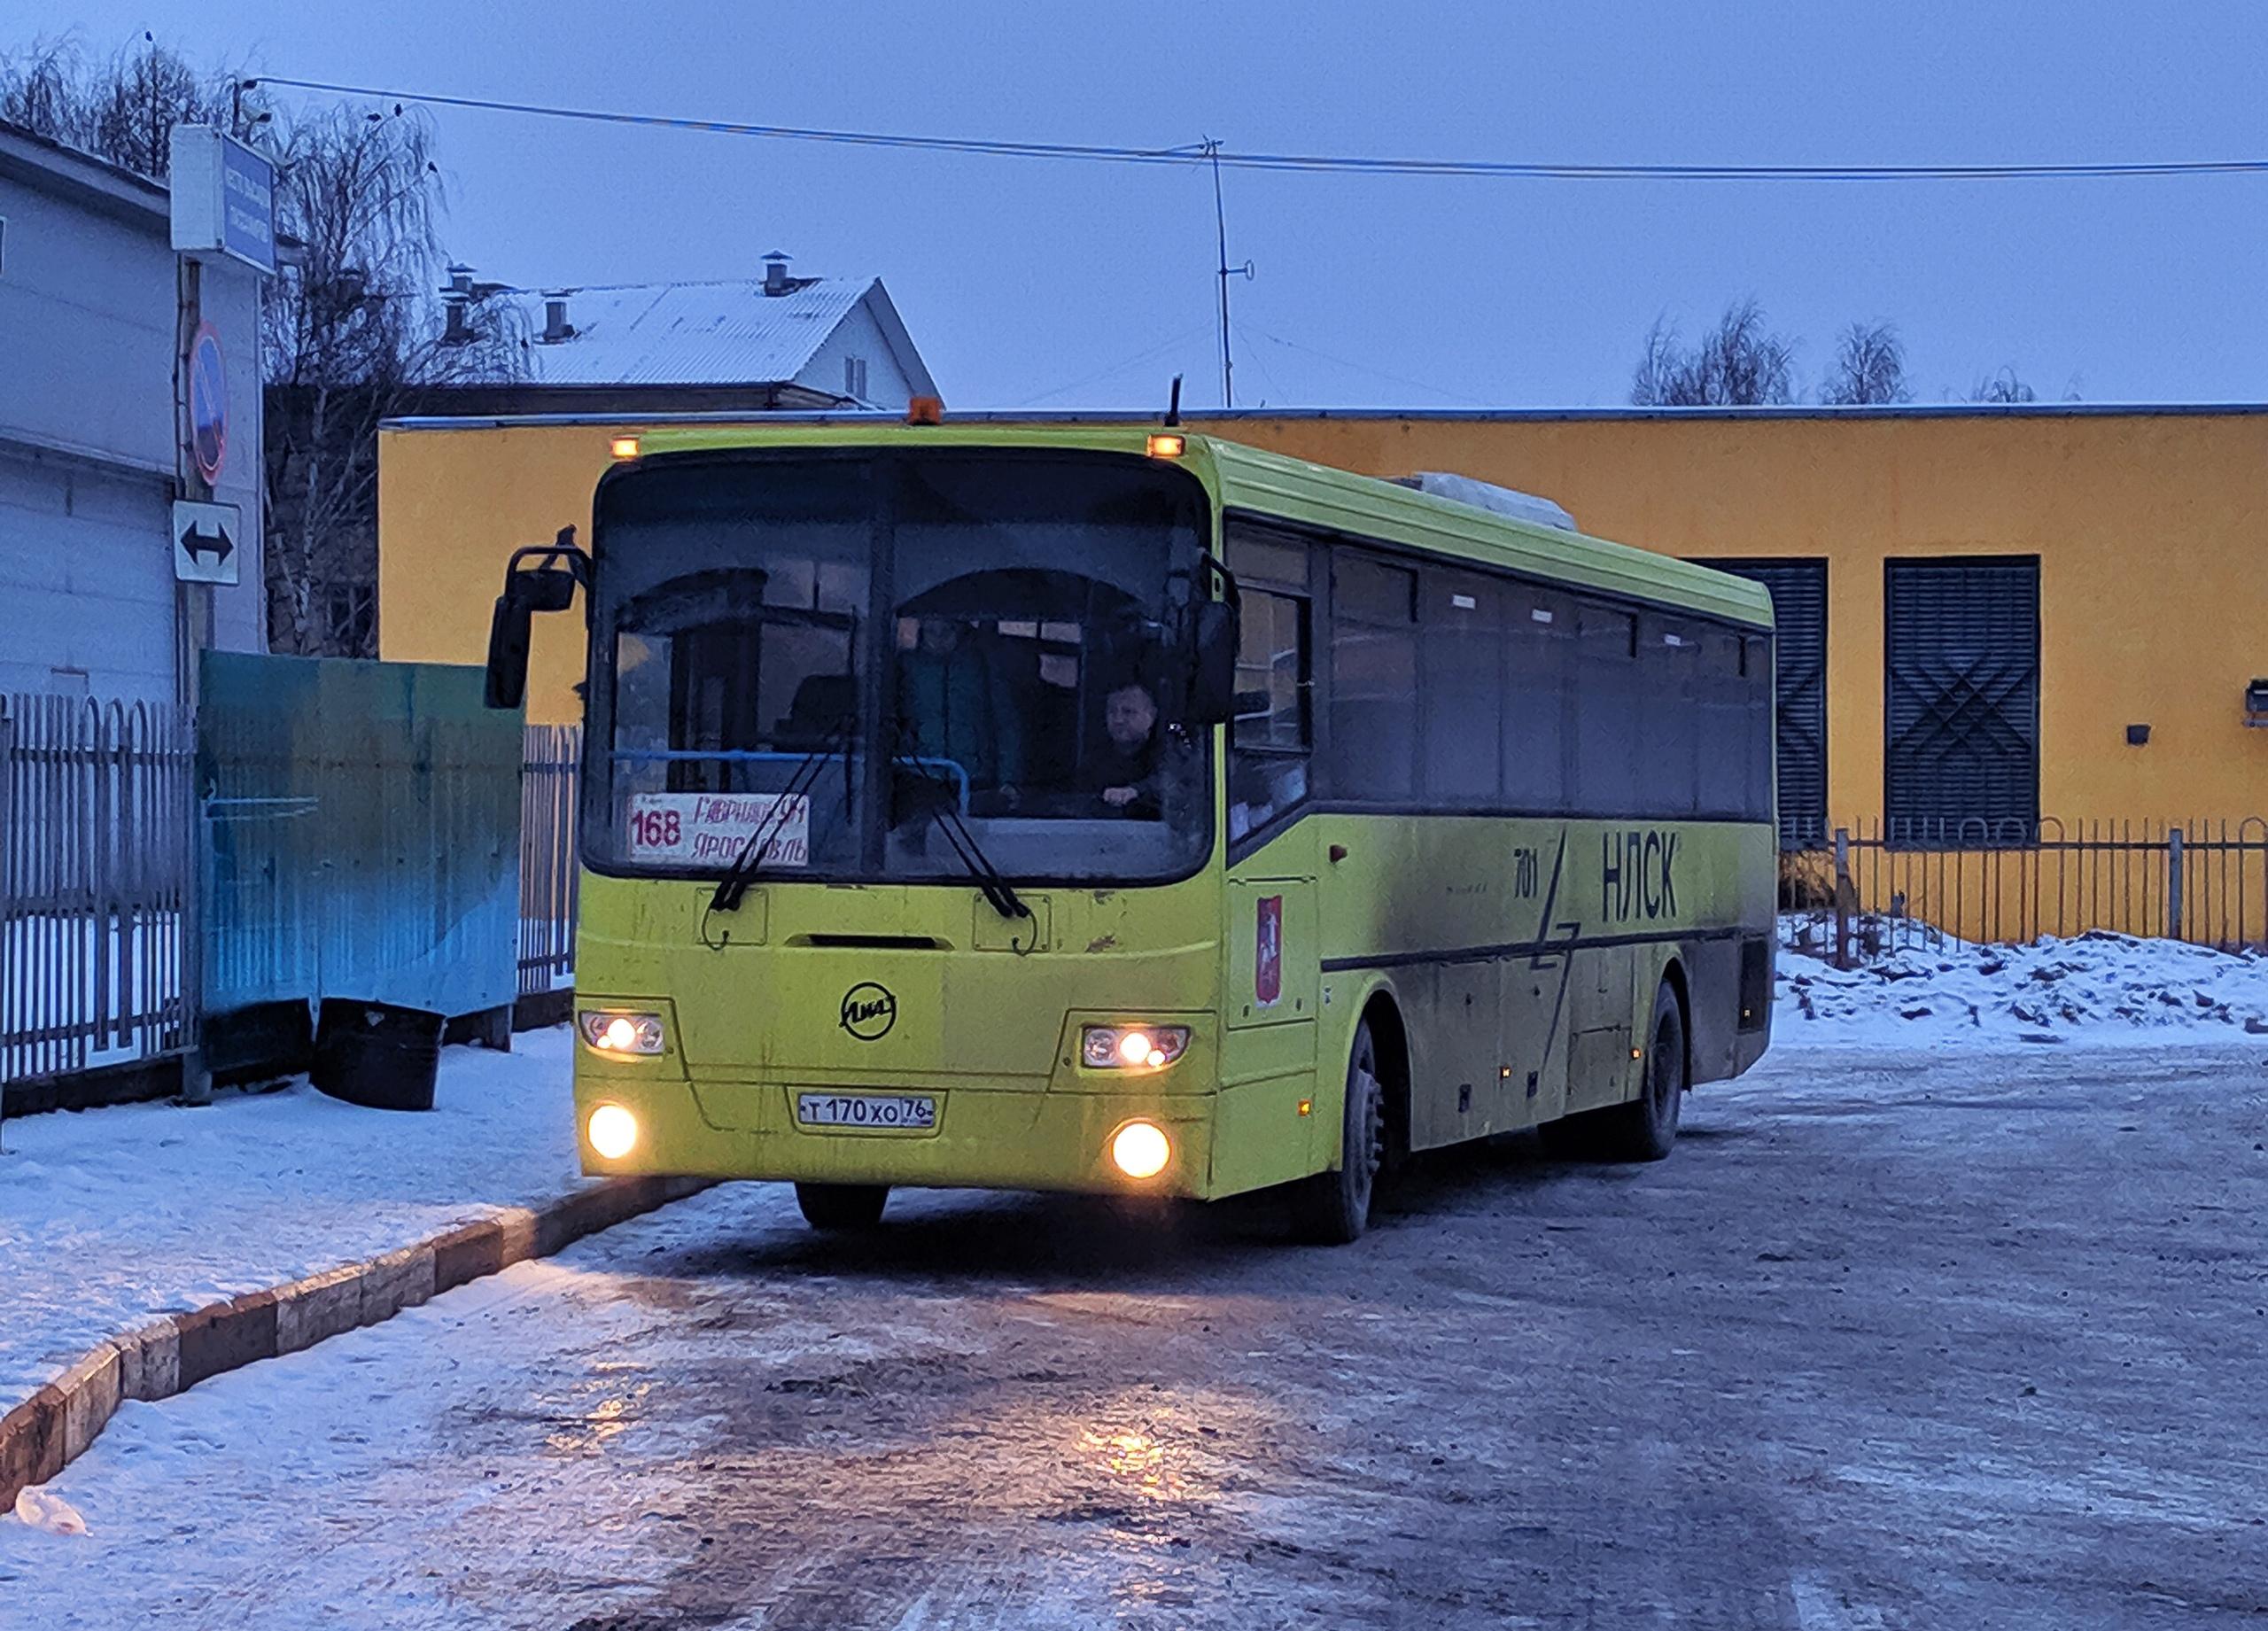 Автобус №168